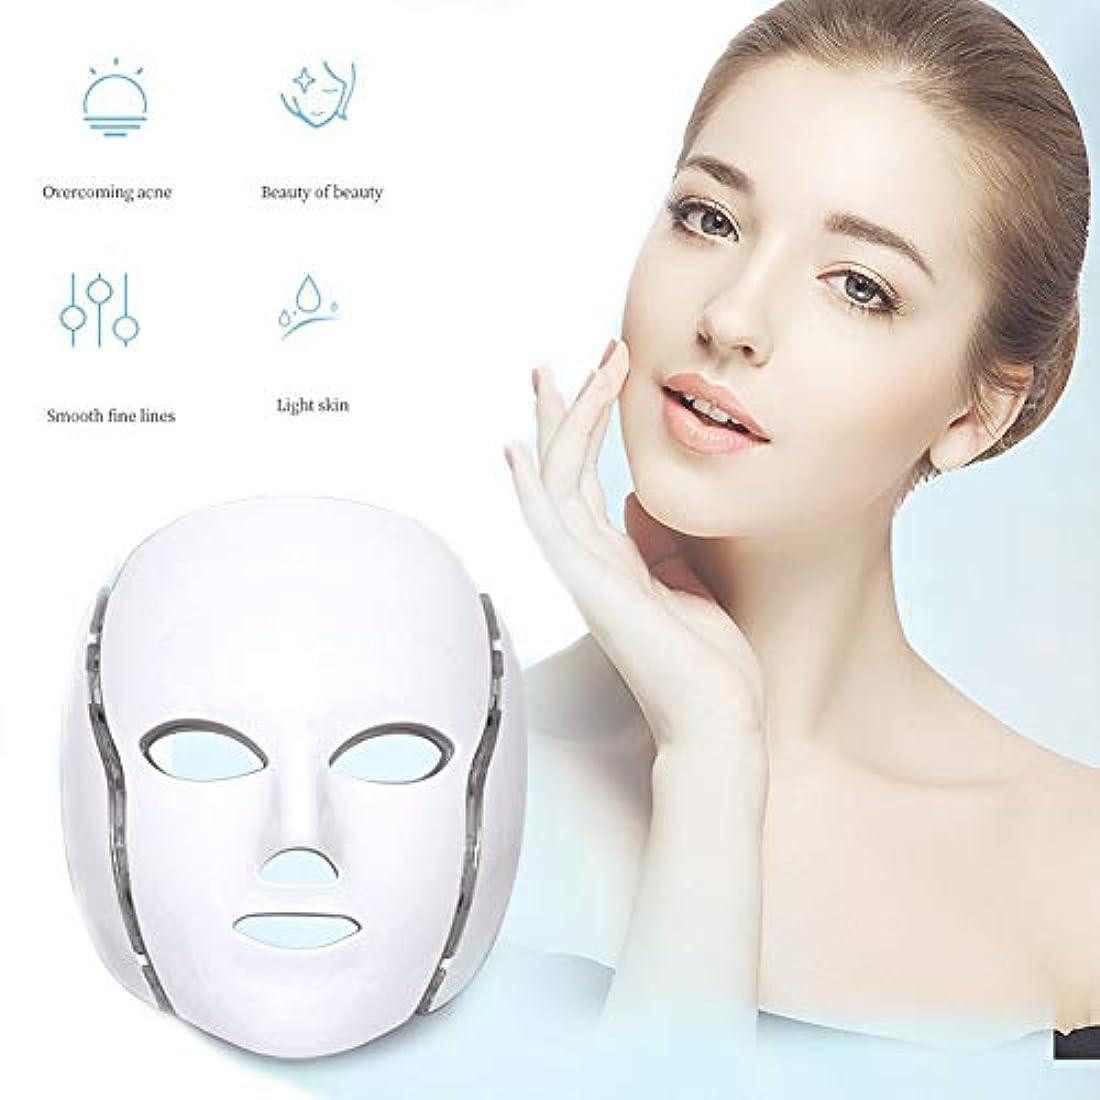 エイリアス膿瘍するだろう7色LEDライトマスク美容器具フェイシャルマスクPhotorejuvenationスペクトル美容器具ネックマスクセット